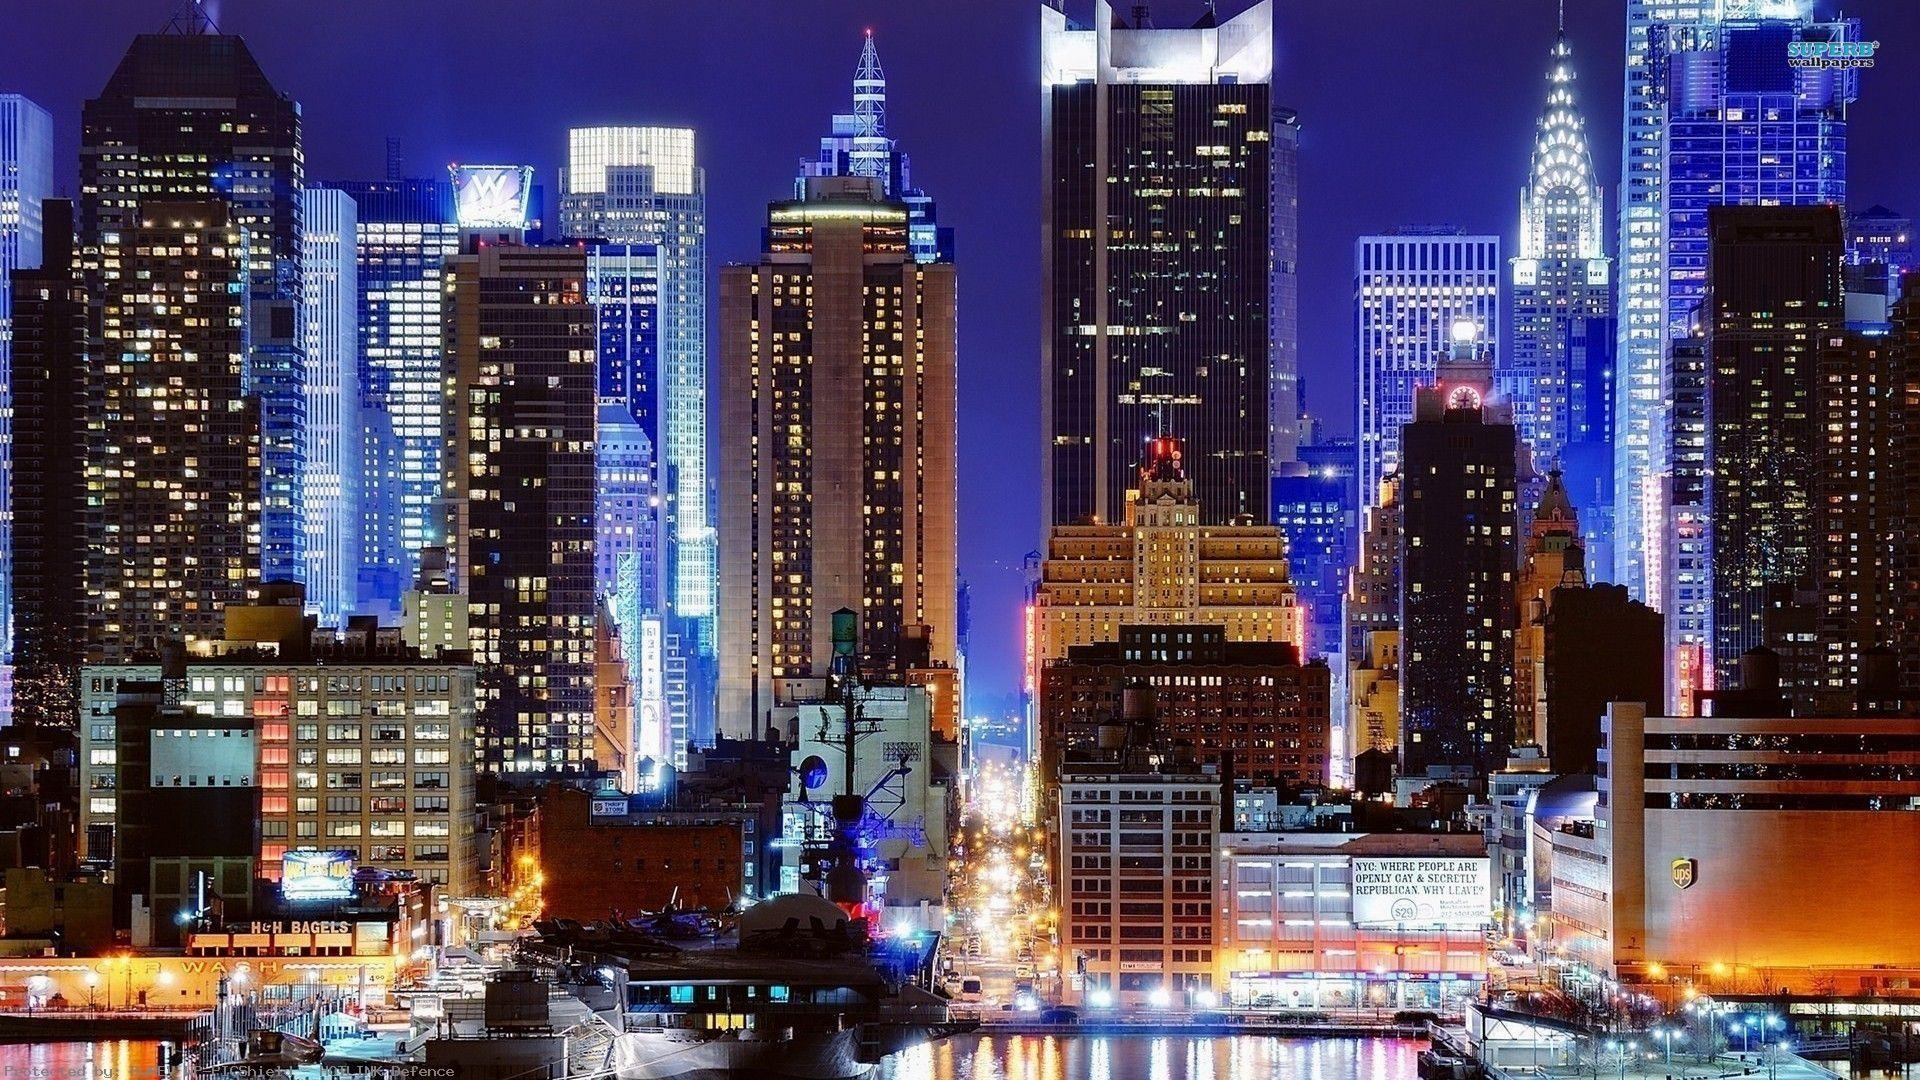 new-york-night-wallpaper-wp6002131